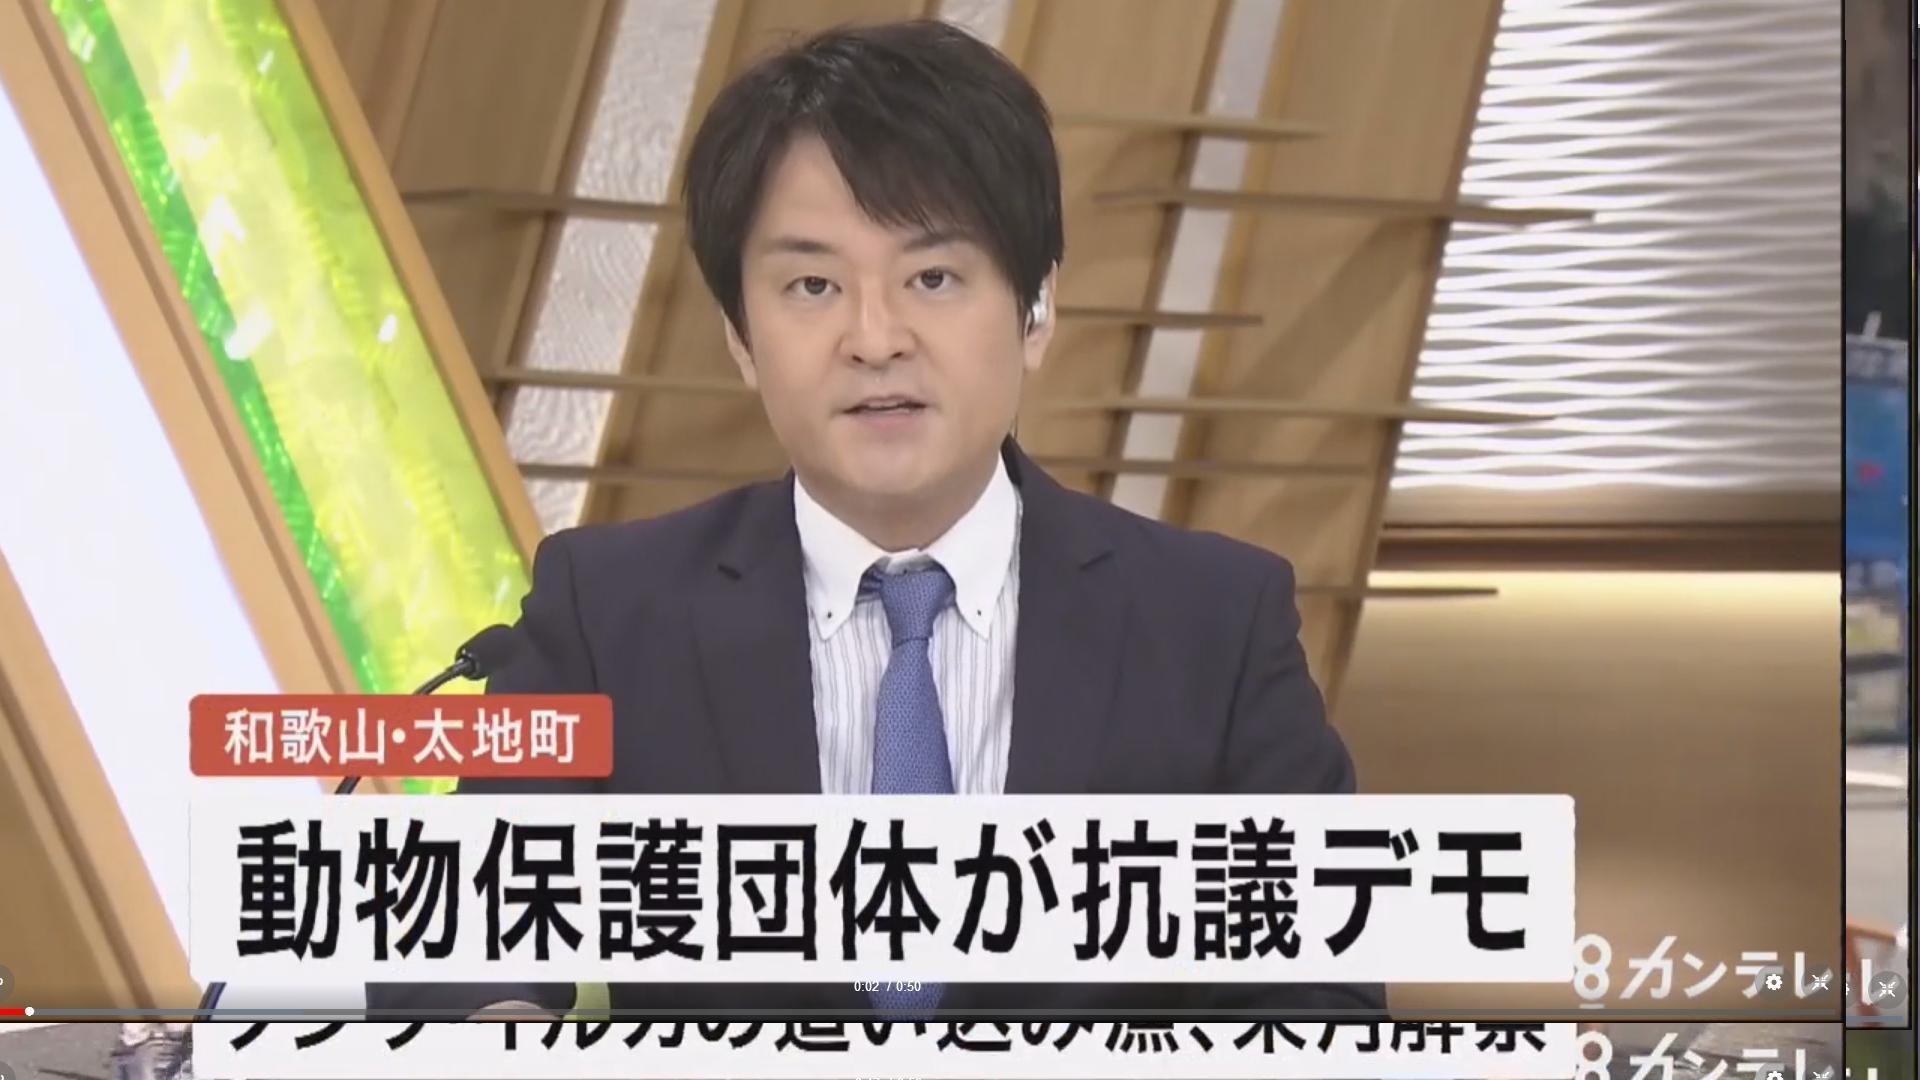 taijidemokansaiTV10.jpg